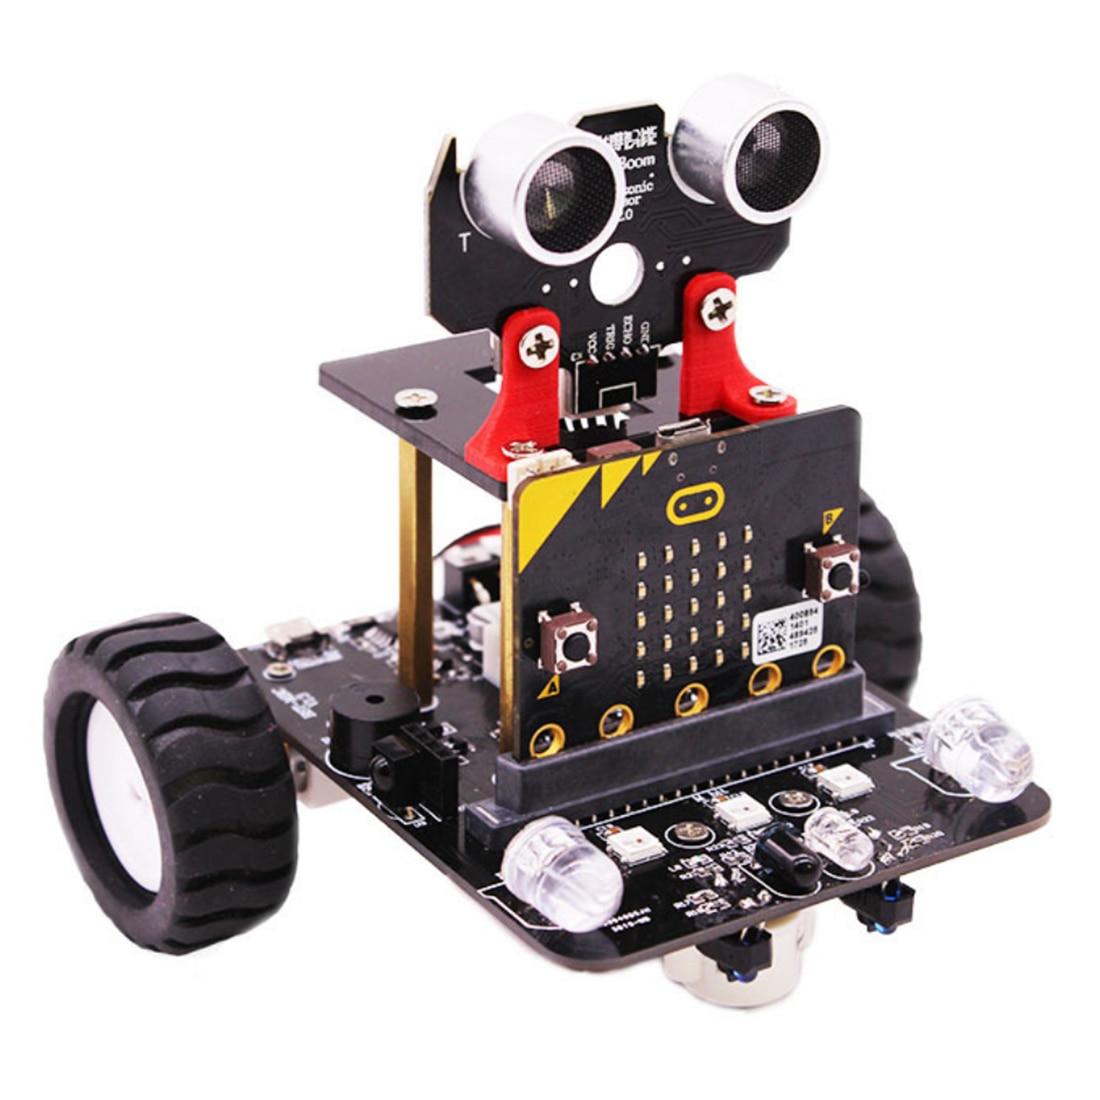 Robot graphique Programmable voiture avec Bluetooth IR et Module de suivi tige Robot vapeur voiture jouet pour Micro: bit BBCRobot graphique Programmable voiture avec Bluetooth IR et Module de suivi tige Robot vapeur voiture jouet pour Micro: bit BBC